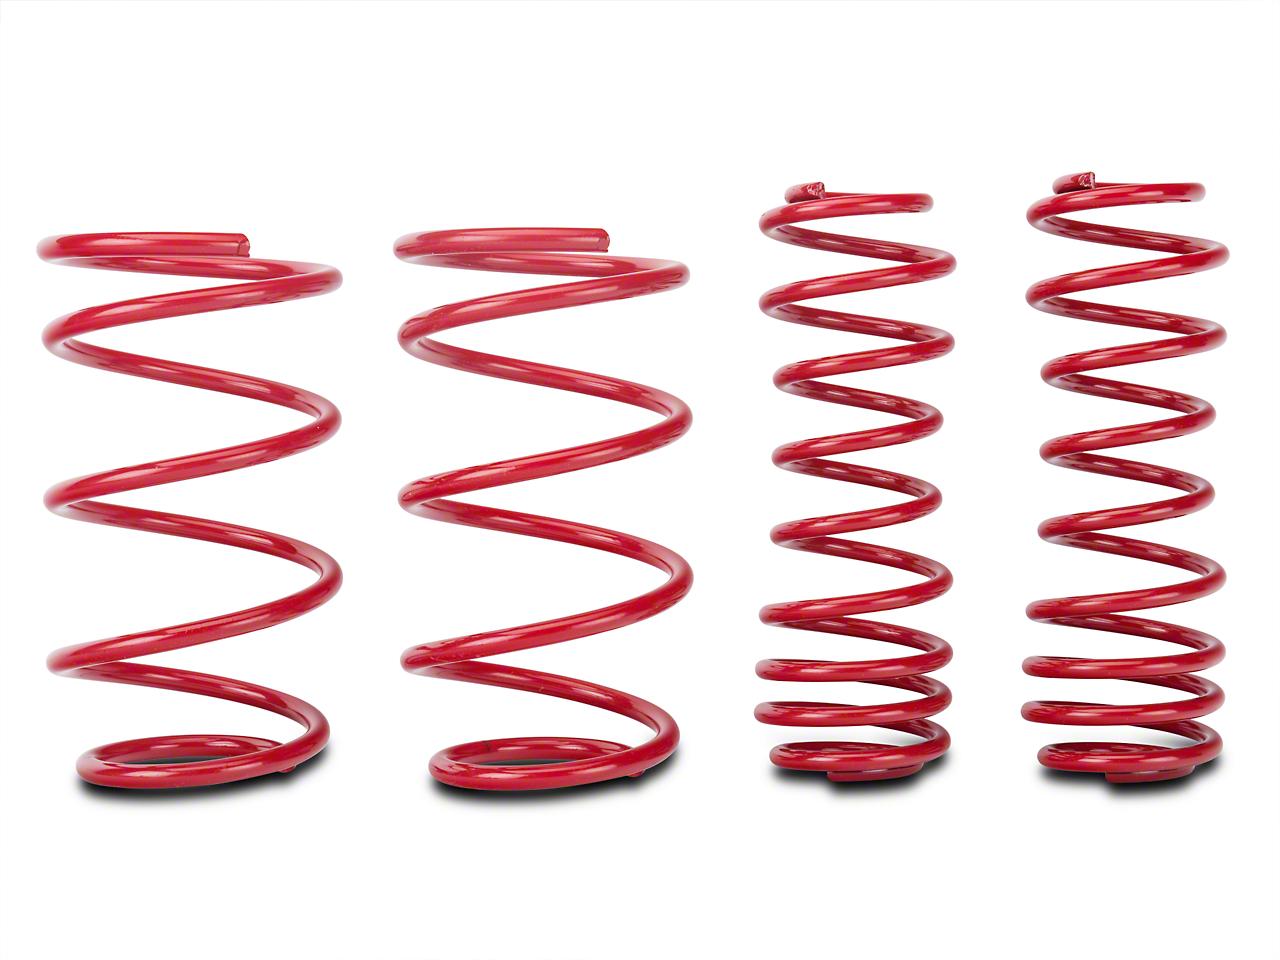 BMR Lowering Springs, Front, 1.5 in. Drop, Drag, GT500 - Red (07-14 GT500)